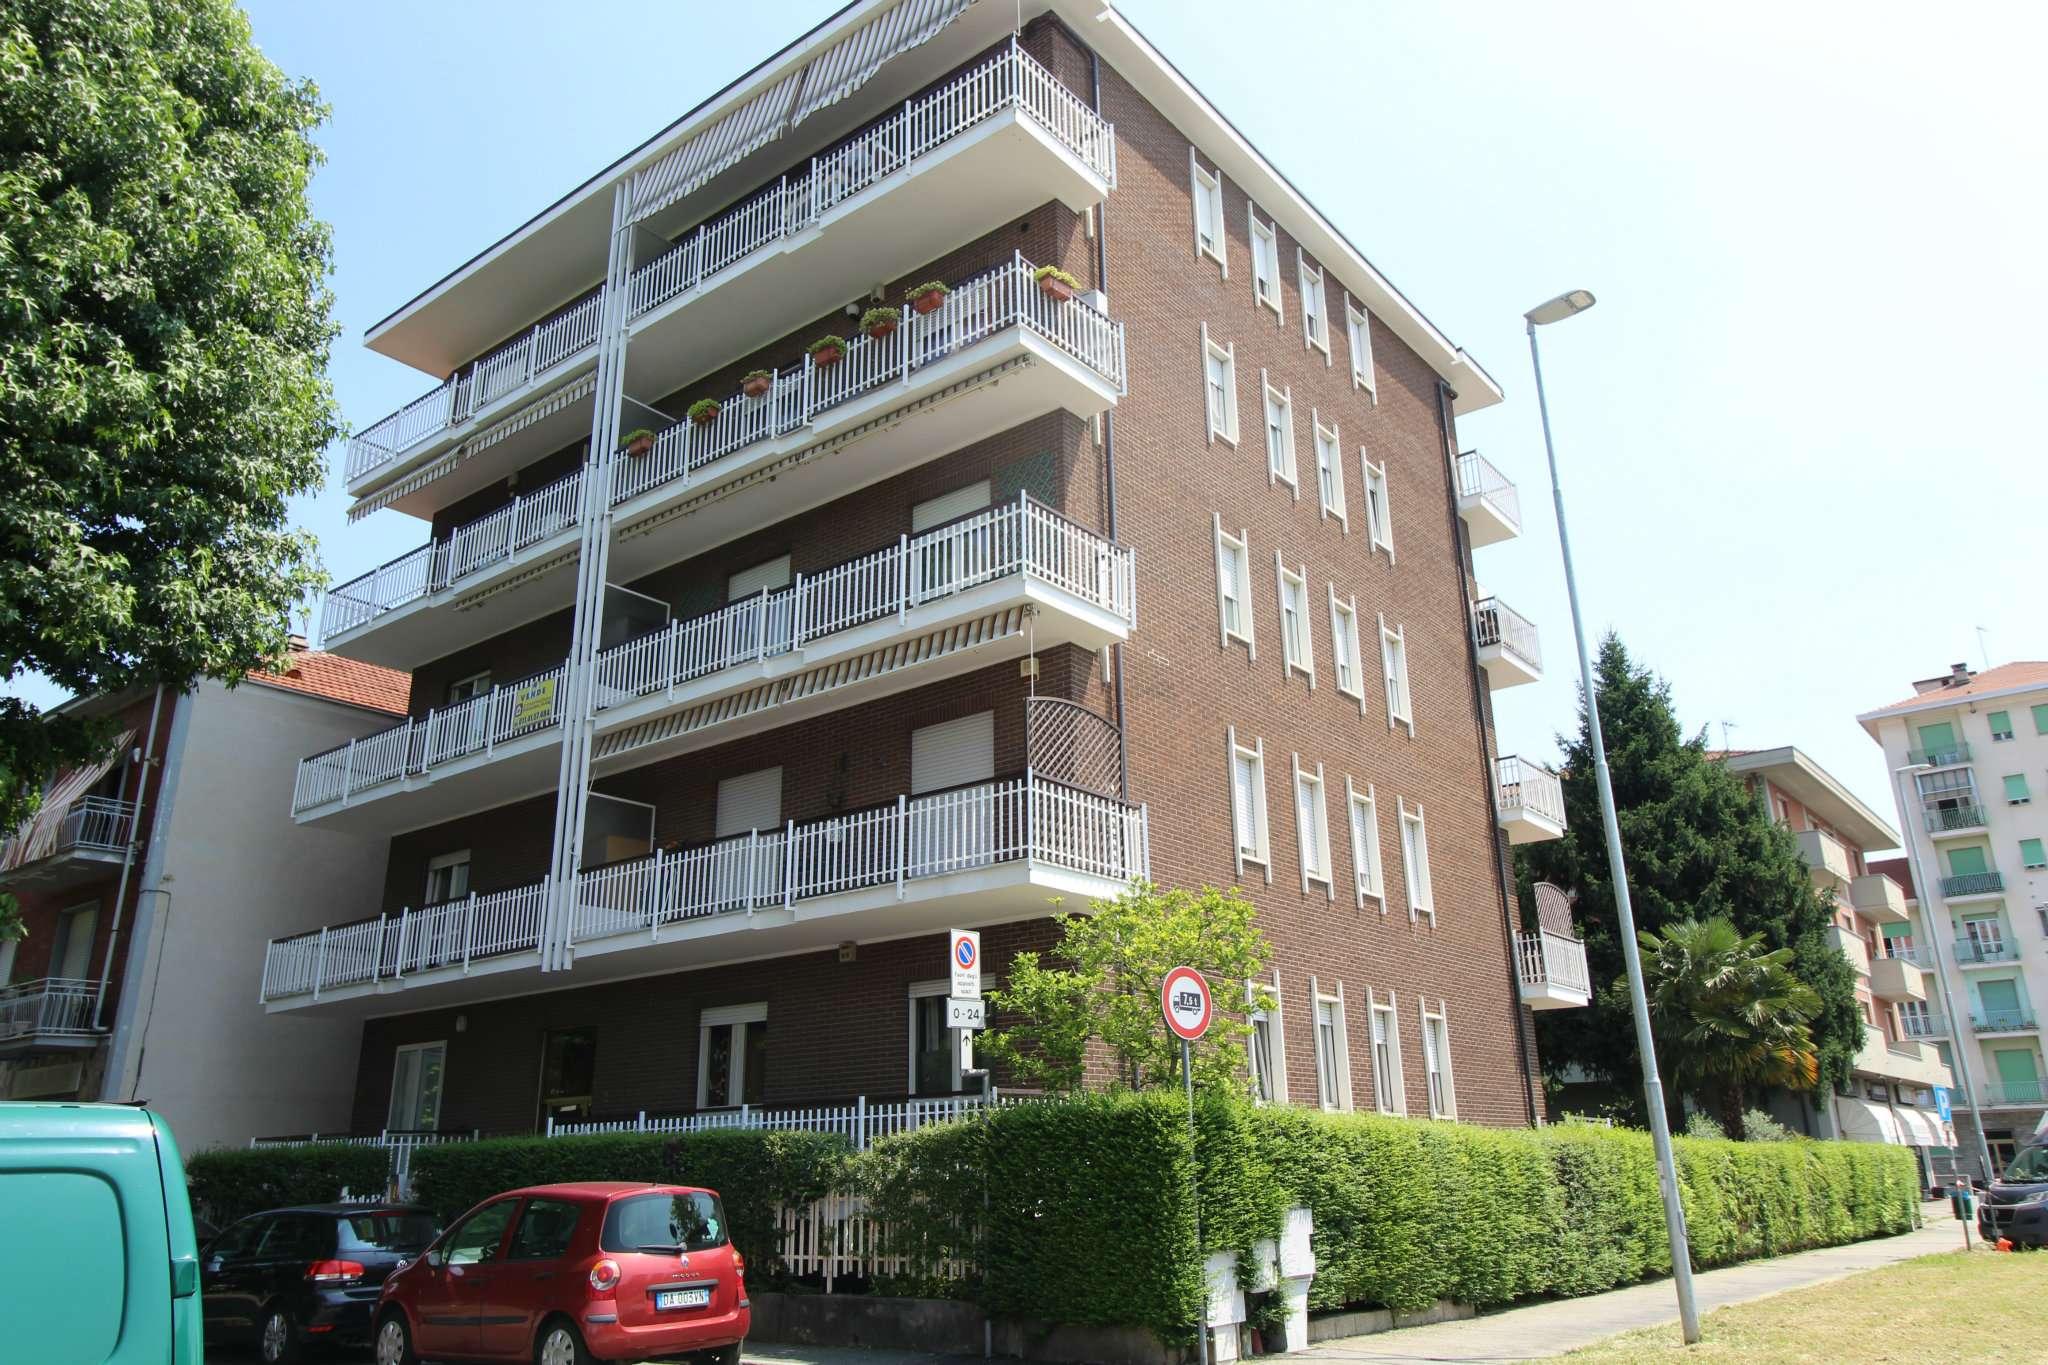 Appartamento in vendita via Condove 2 Collegno